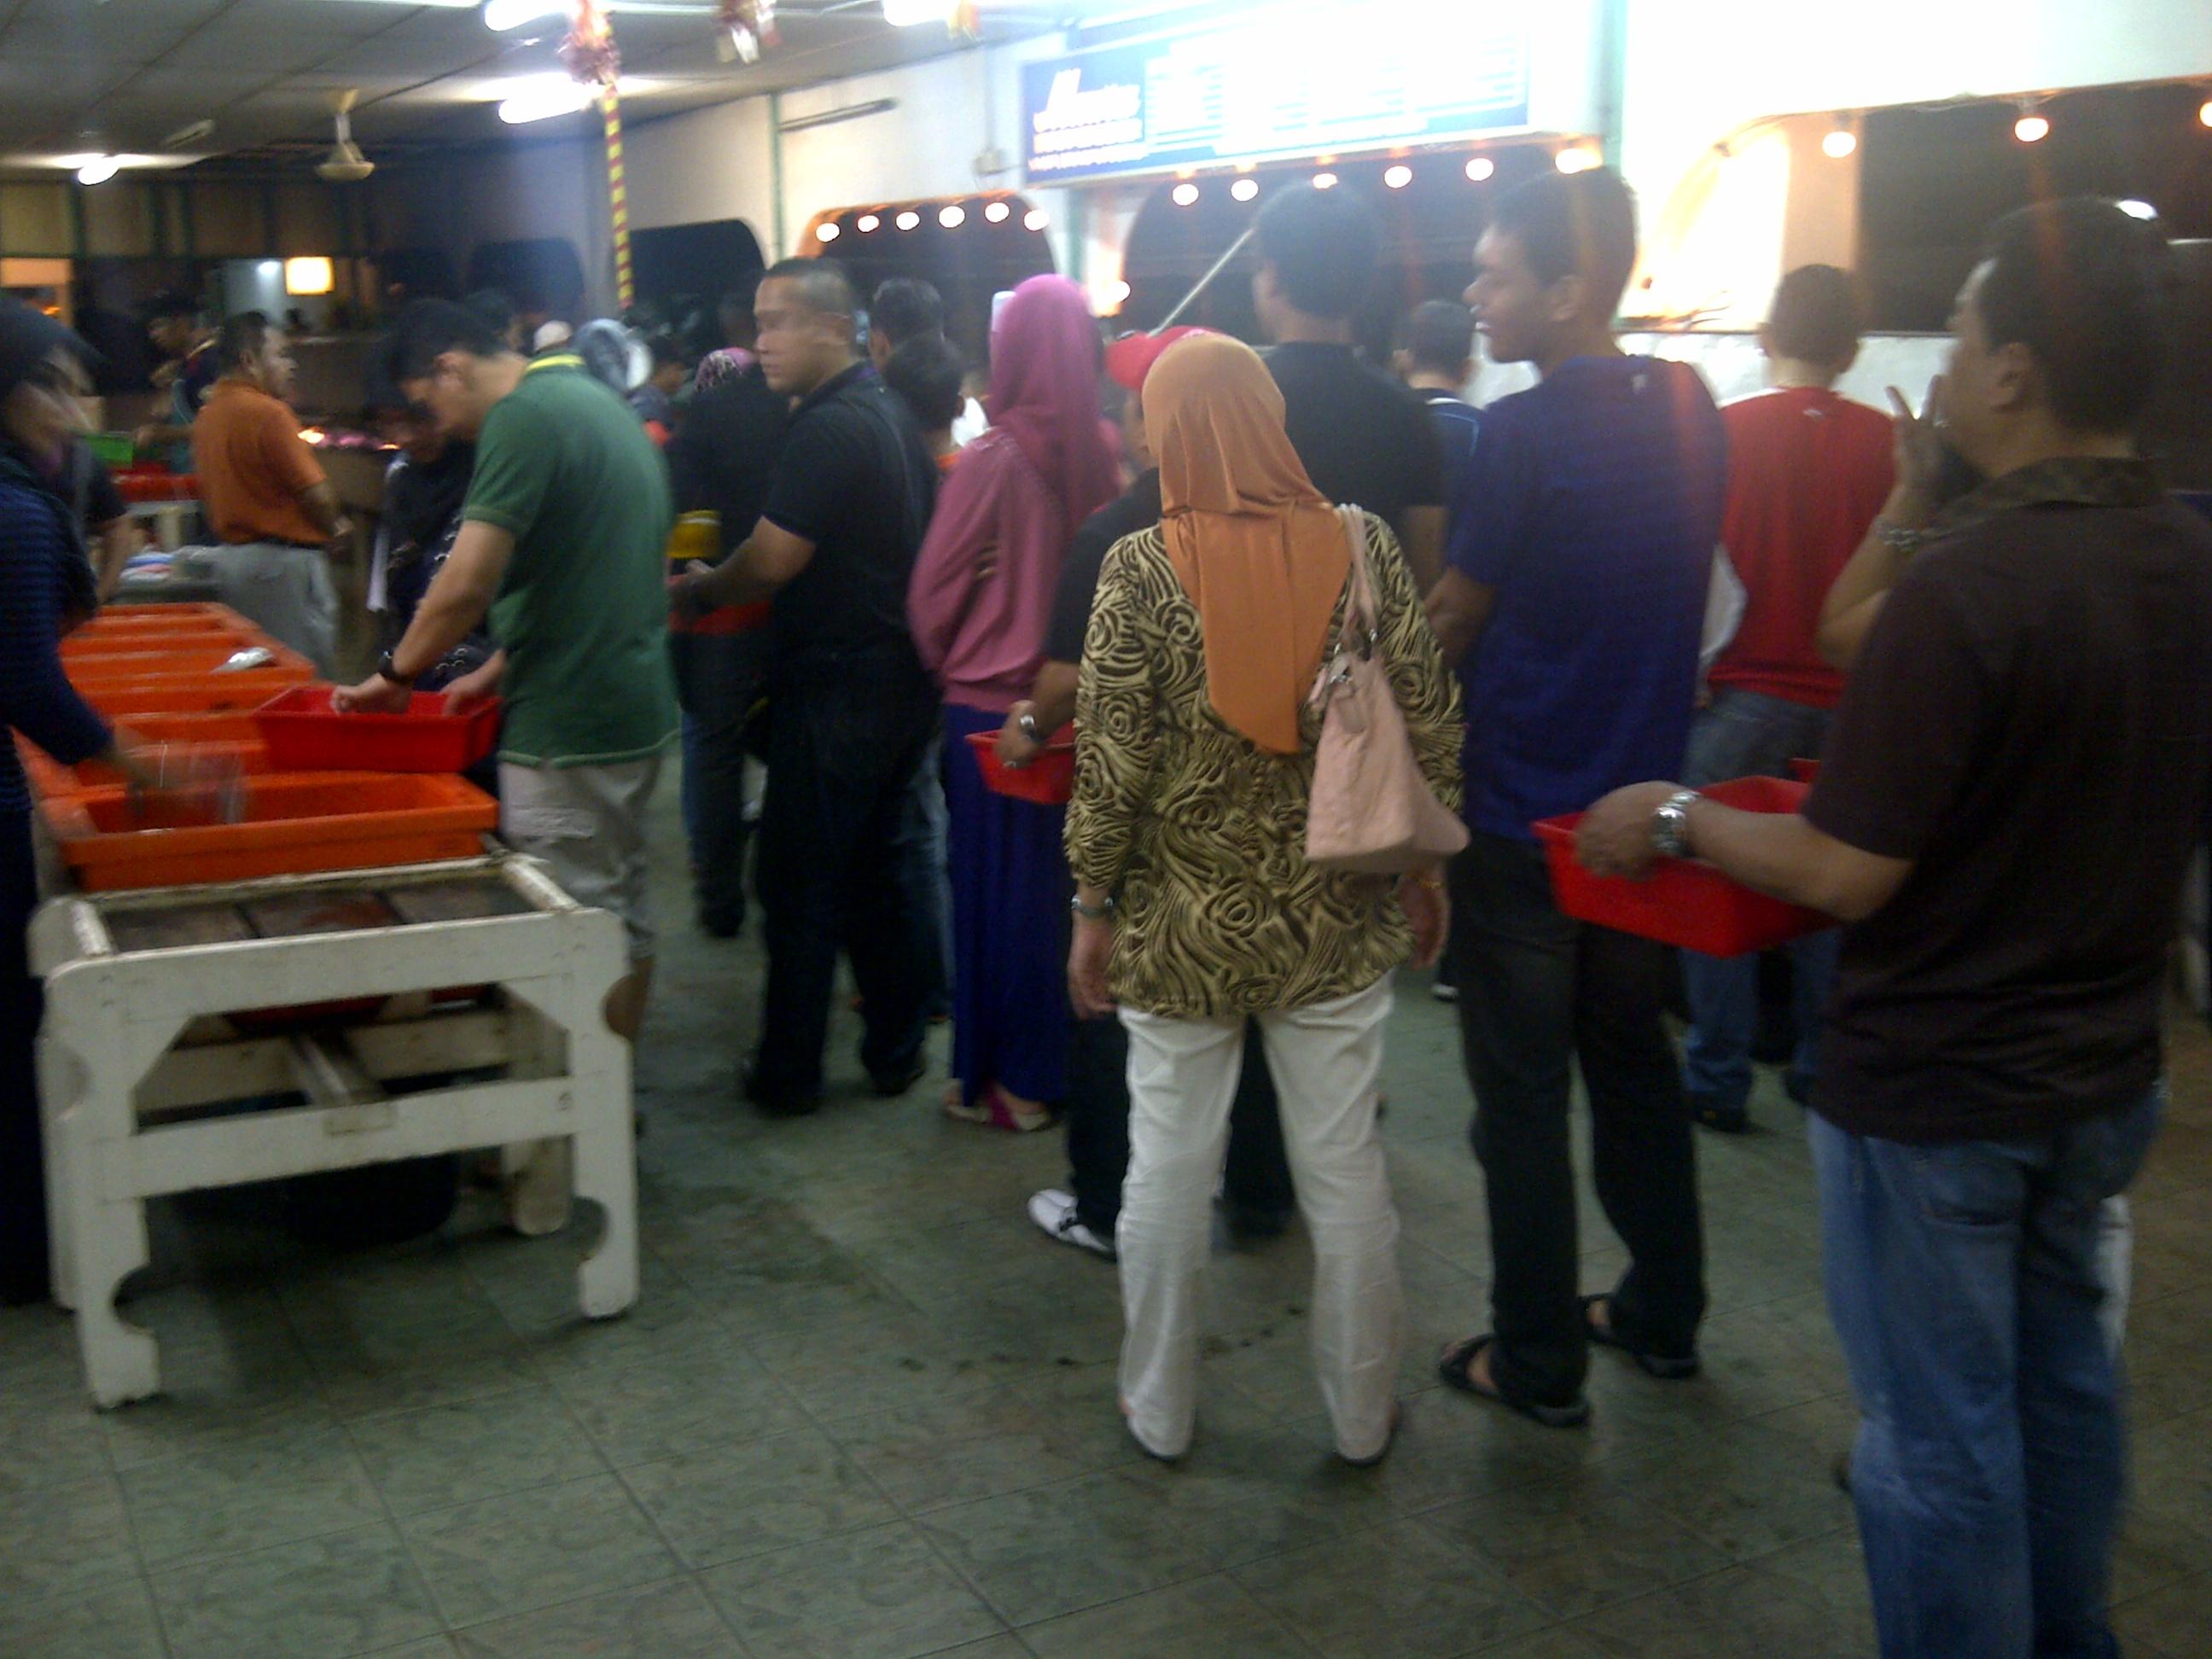 Muara Ikan Bakar Tanjung Harapan  Klang  The life journey